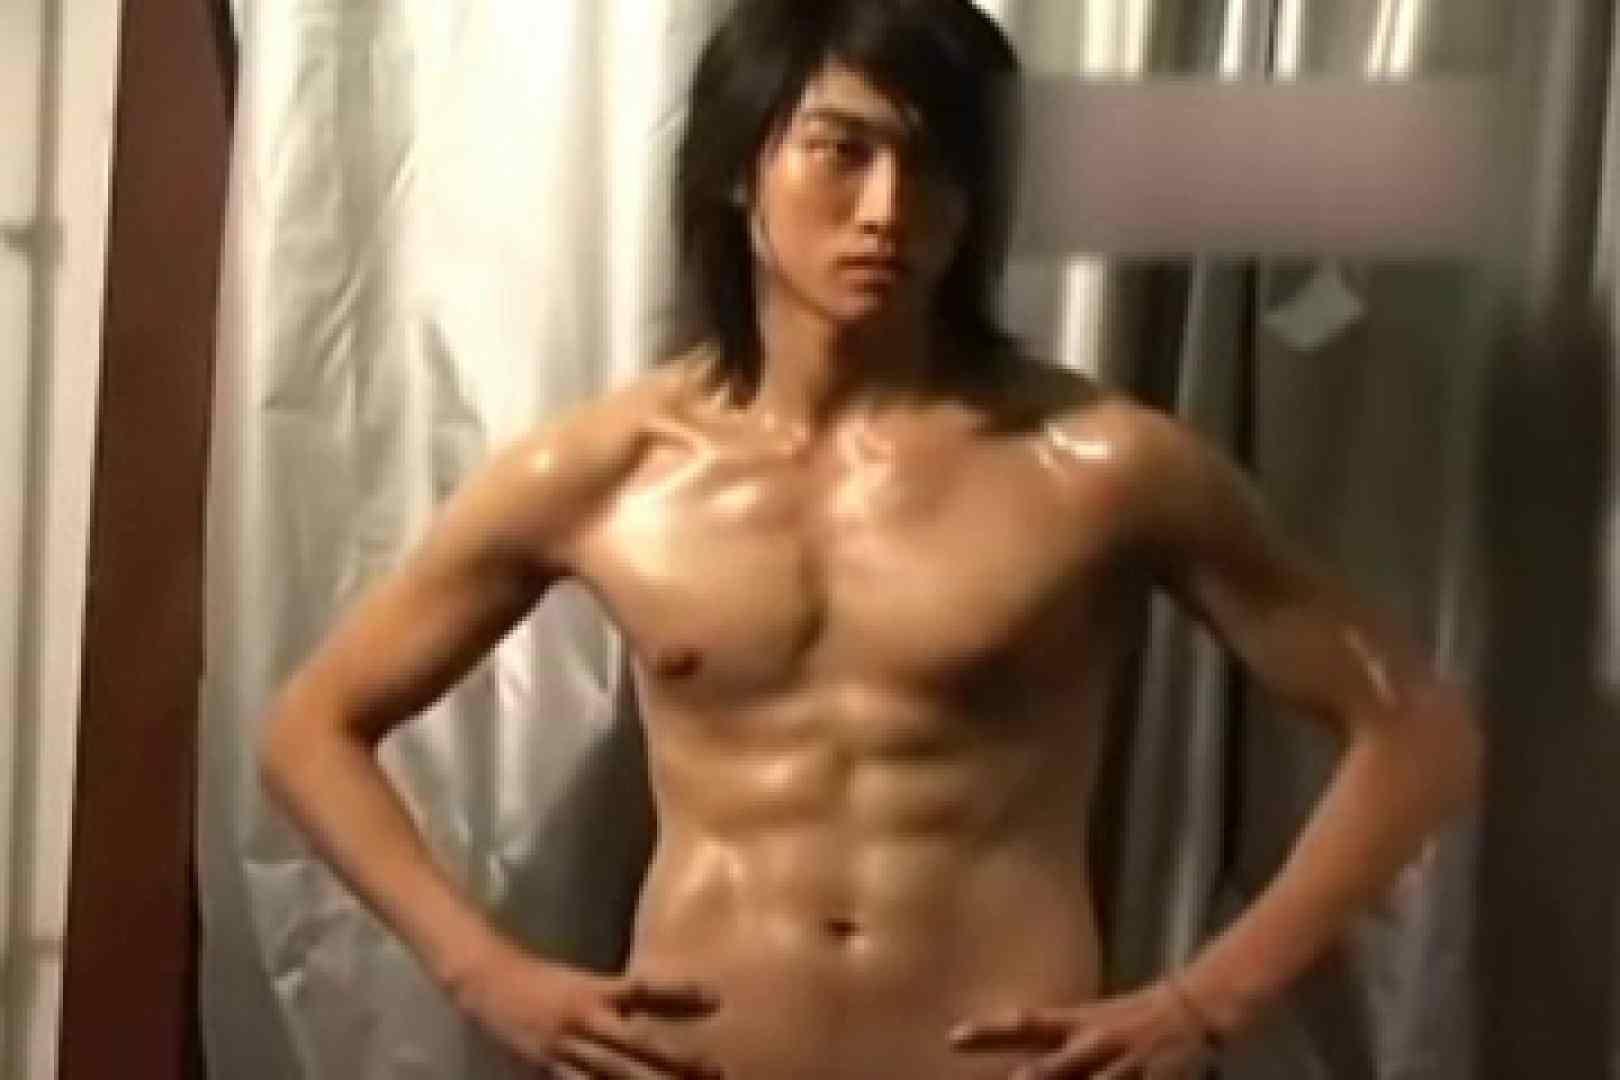 流出!!メンズスーパーモデル達のヌードinChina vol5 メンズモデル ゲイエロ動画 65画像 35